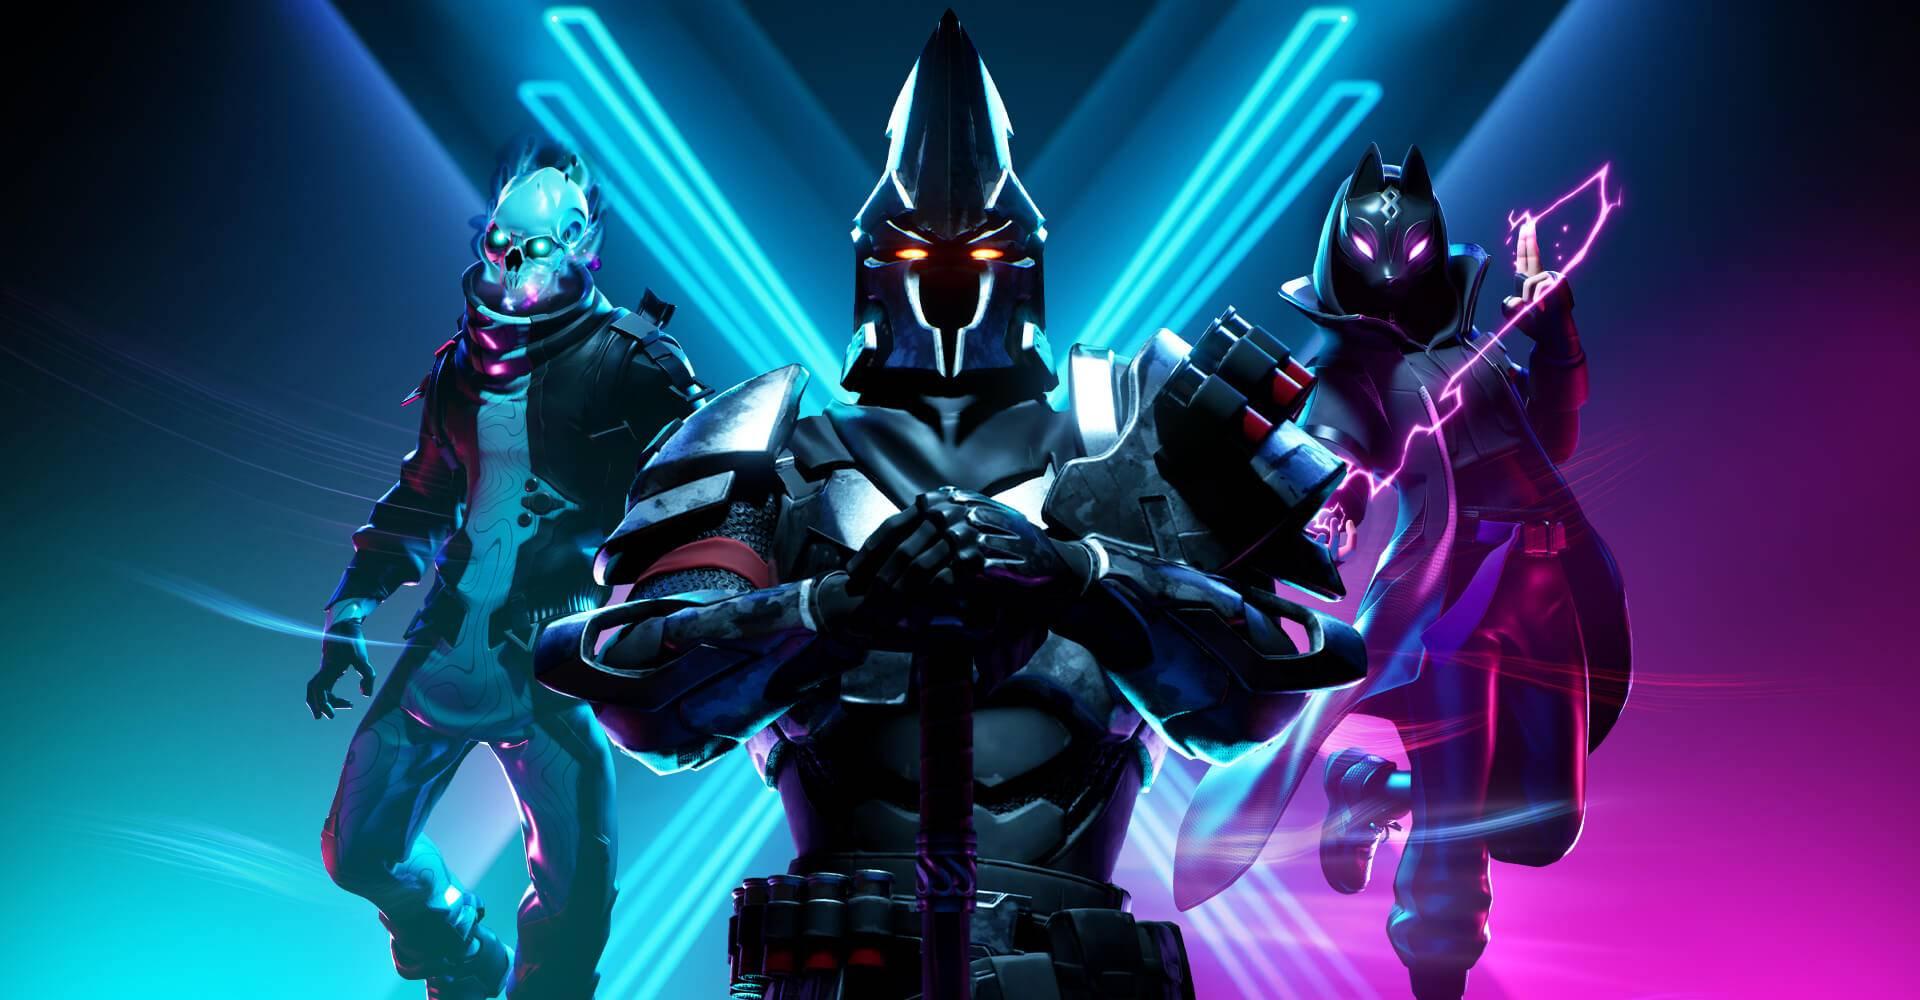 Industria de los videojuegos arrasó en 2019 con ganancias sobre los $ 120.000 millones